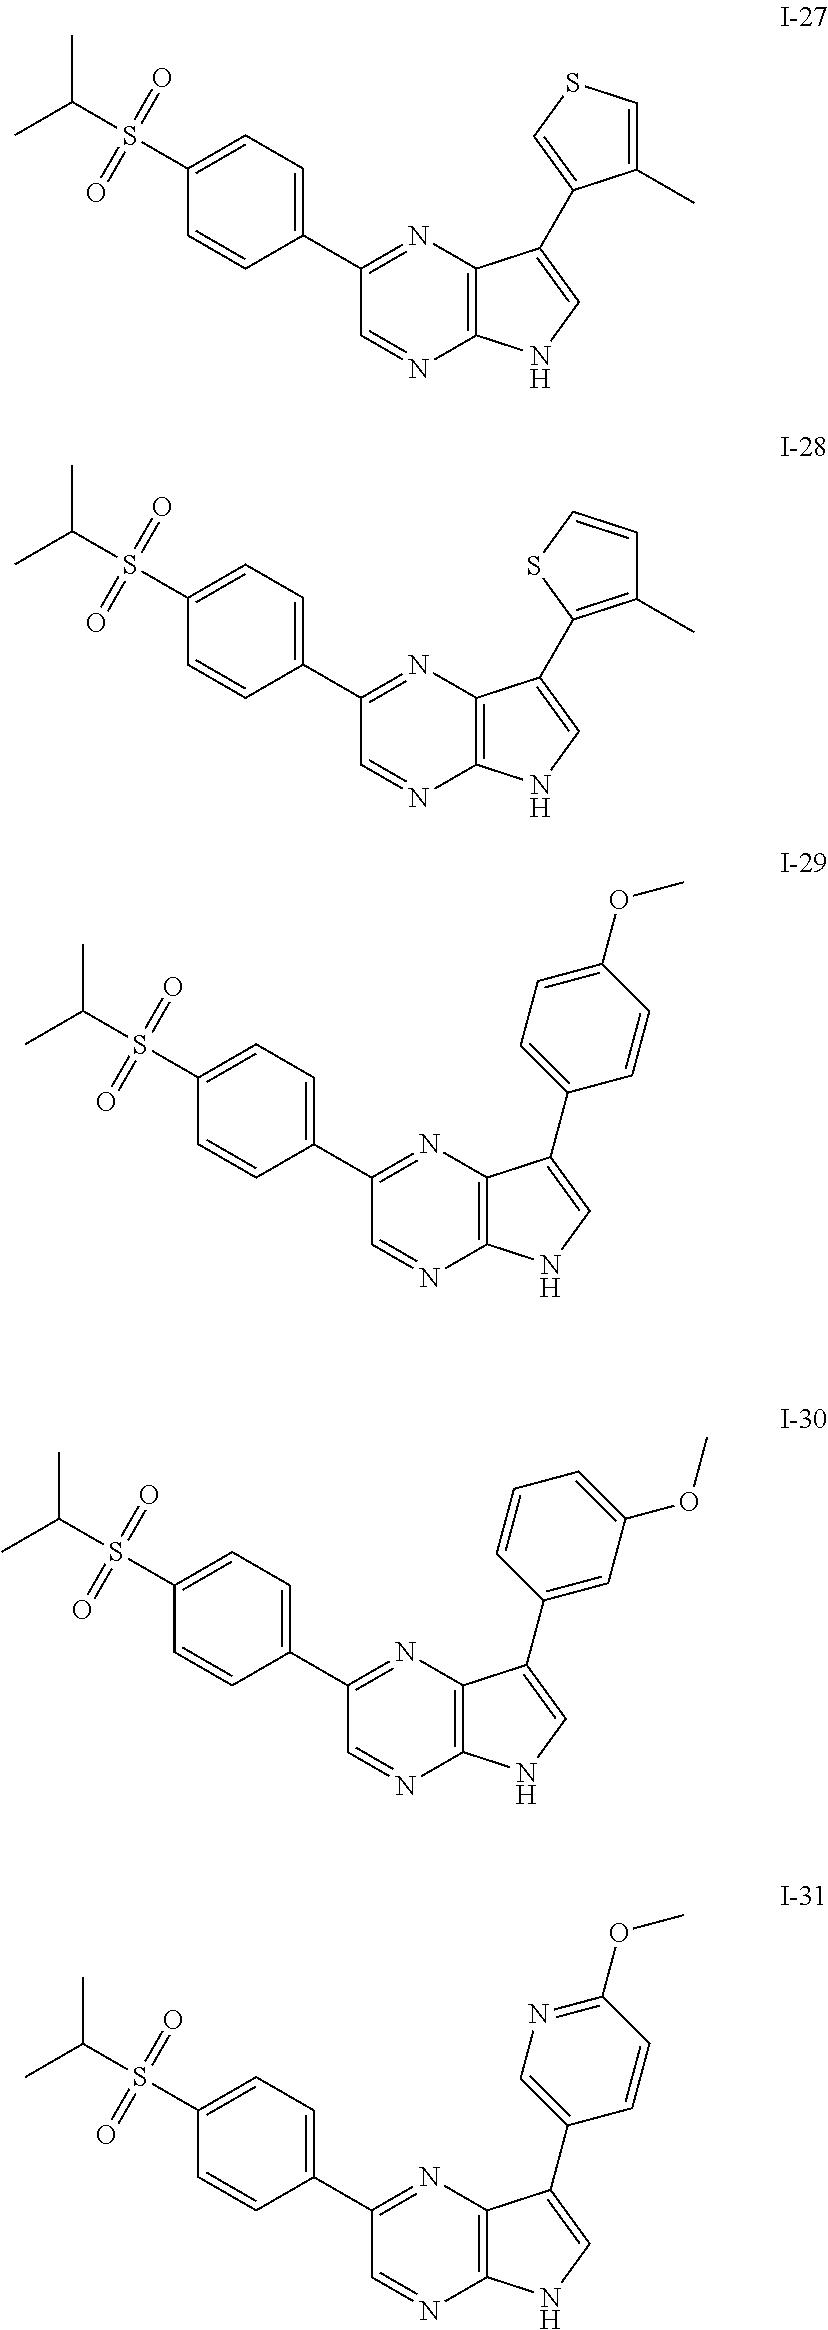 Figure US20120046295A1-20120223-C00163